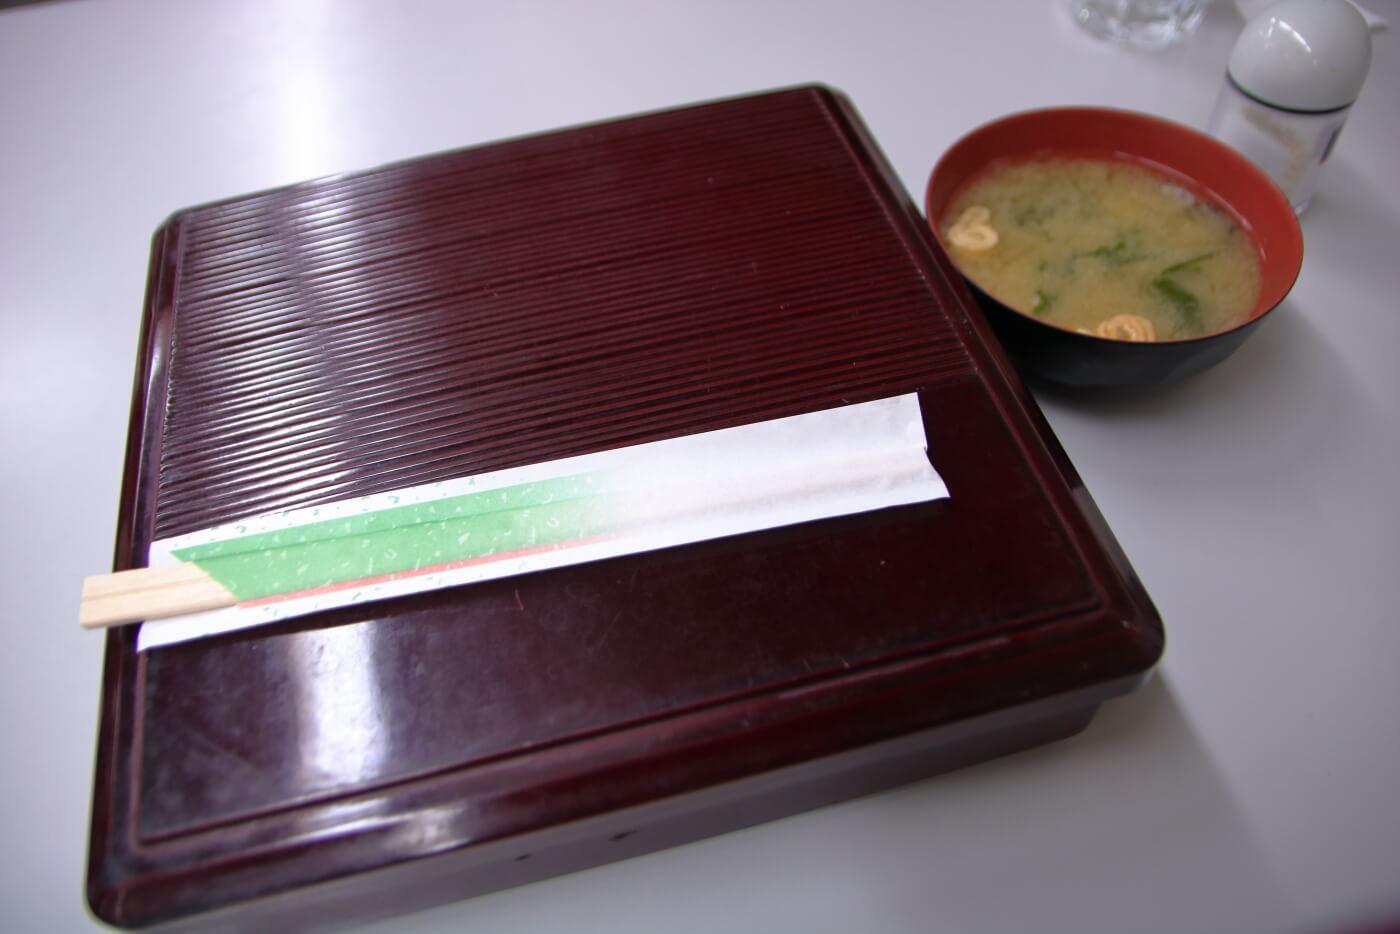 高知県庁地下食堂 日替り弁当